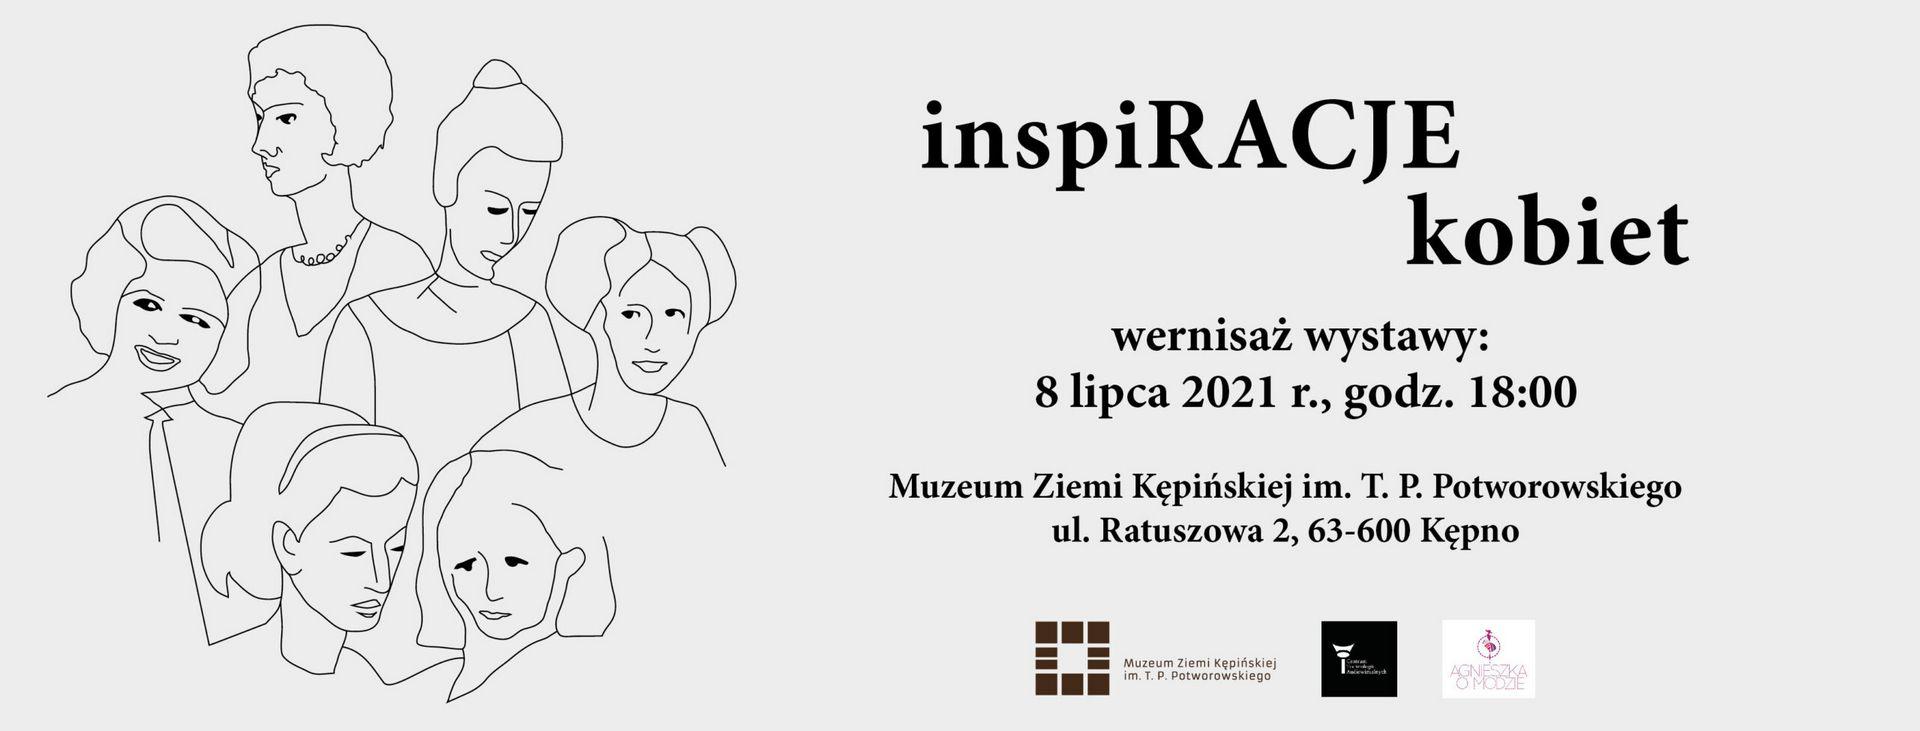 plakat inspiracje kobiet rysunek kobiet i data wernisażu 8 lipca 2021 r.